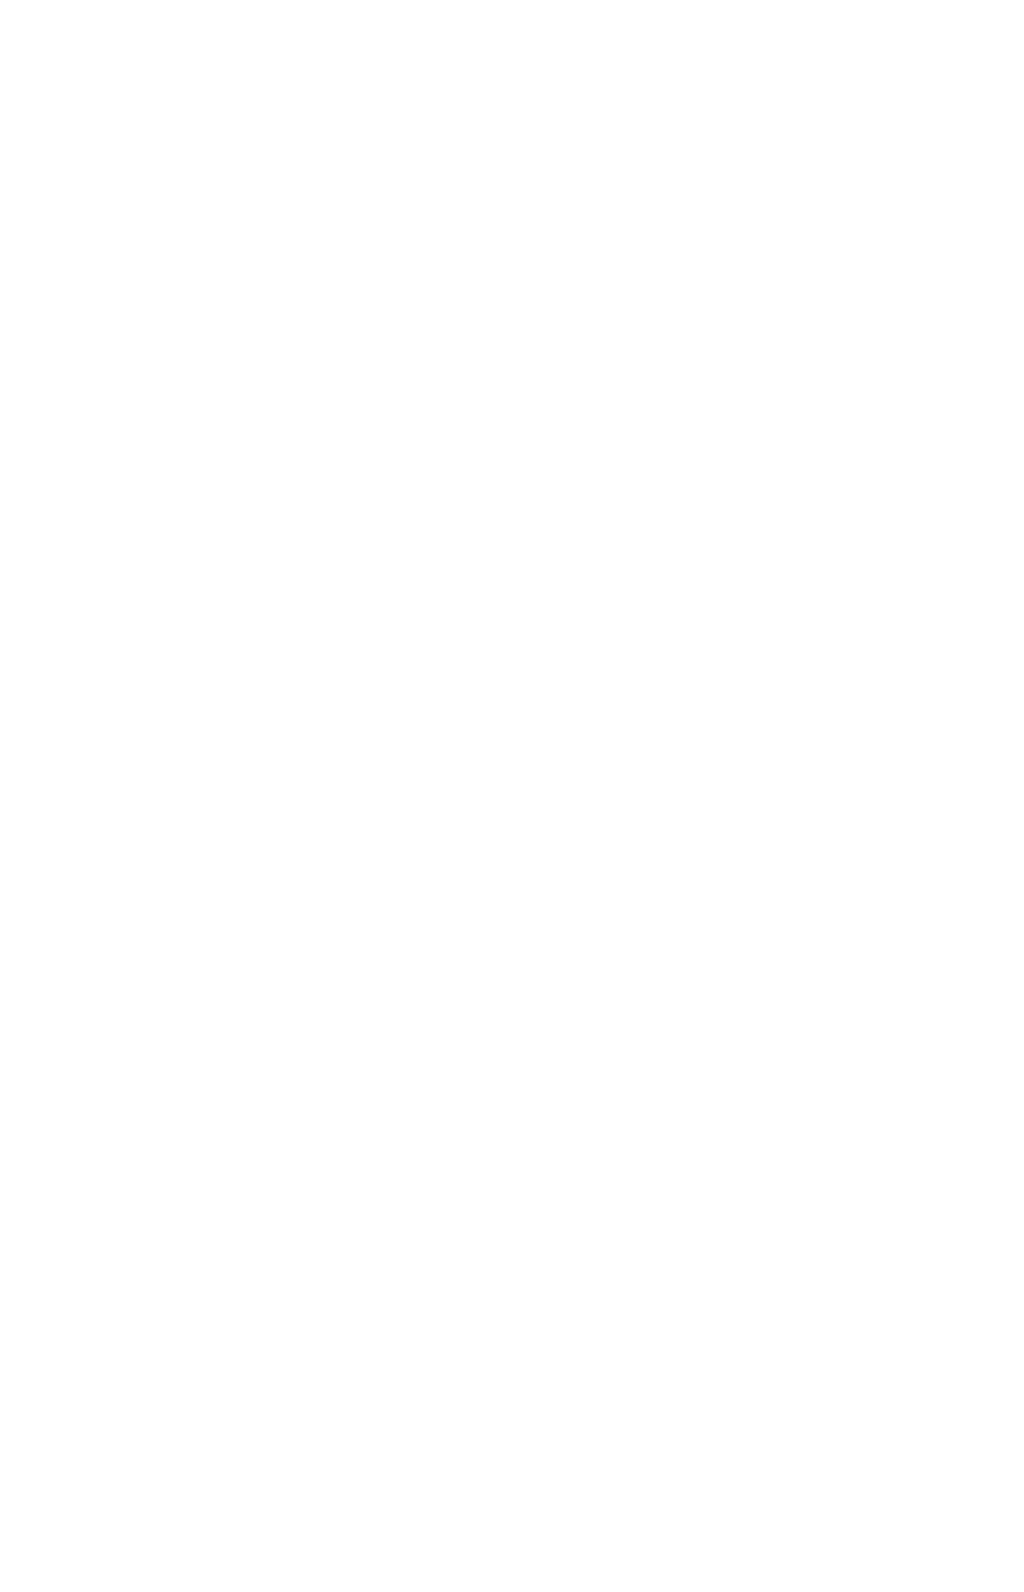 056.jpg